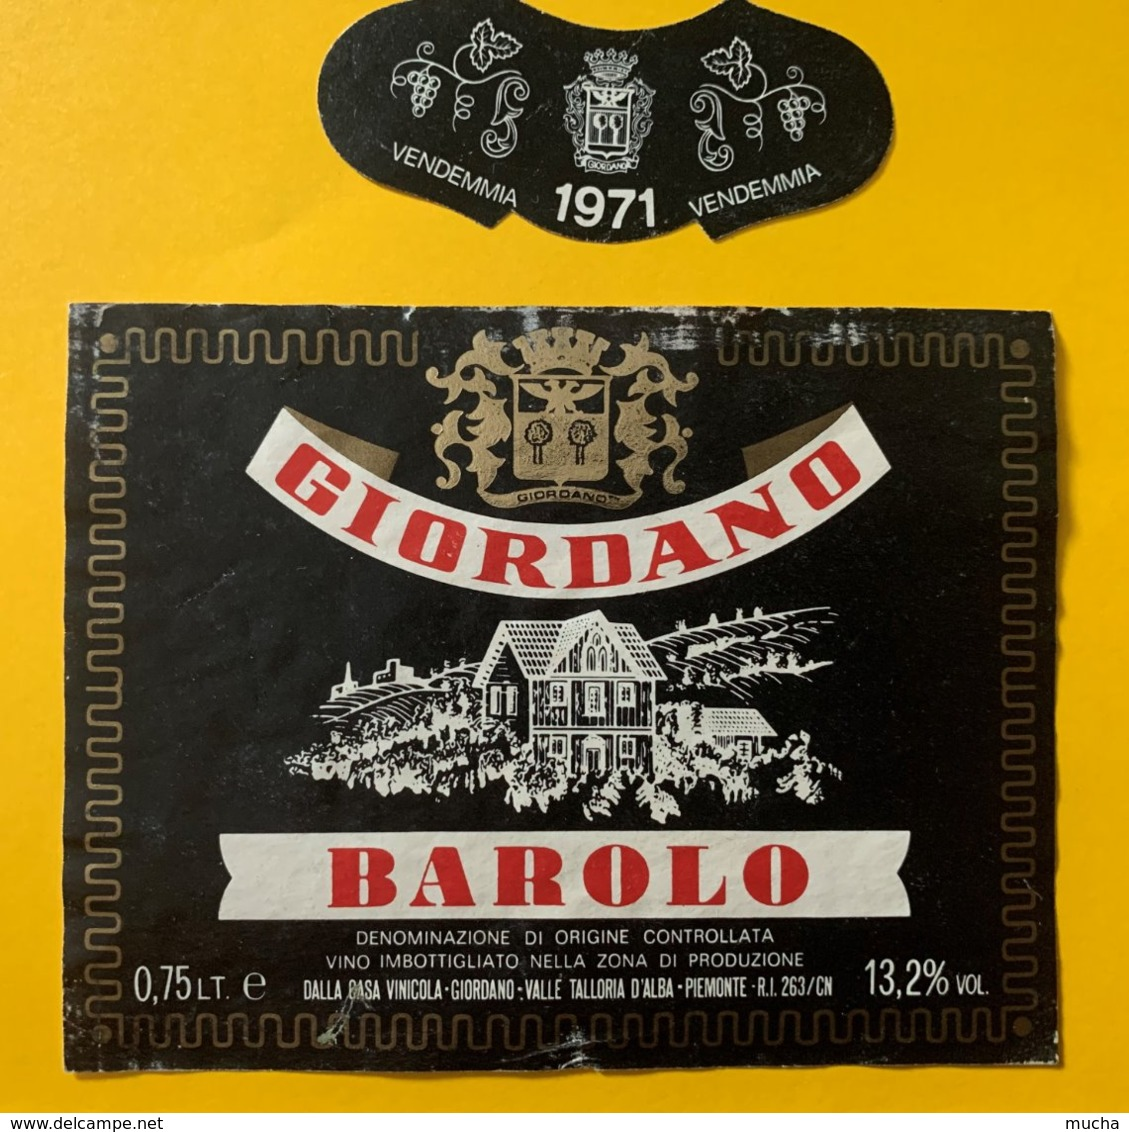 12121 - Barolo 1971 Giordano Italie - Etiquettes